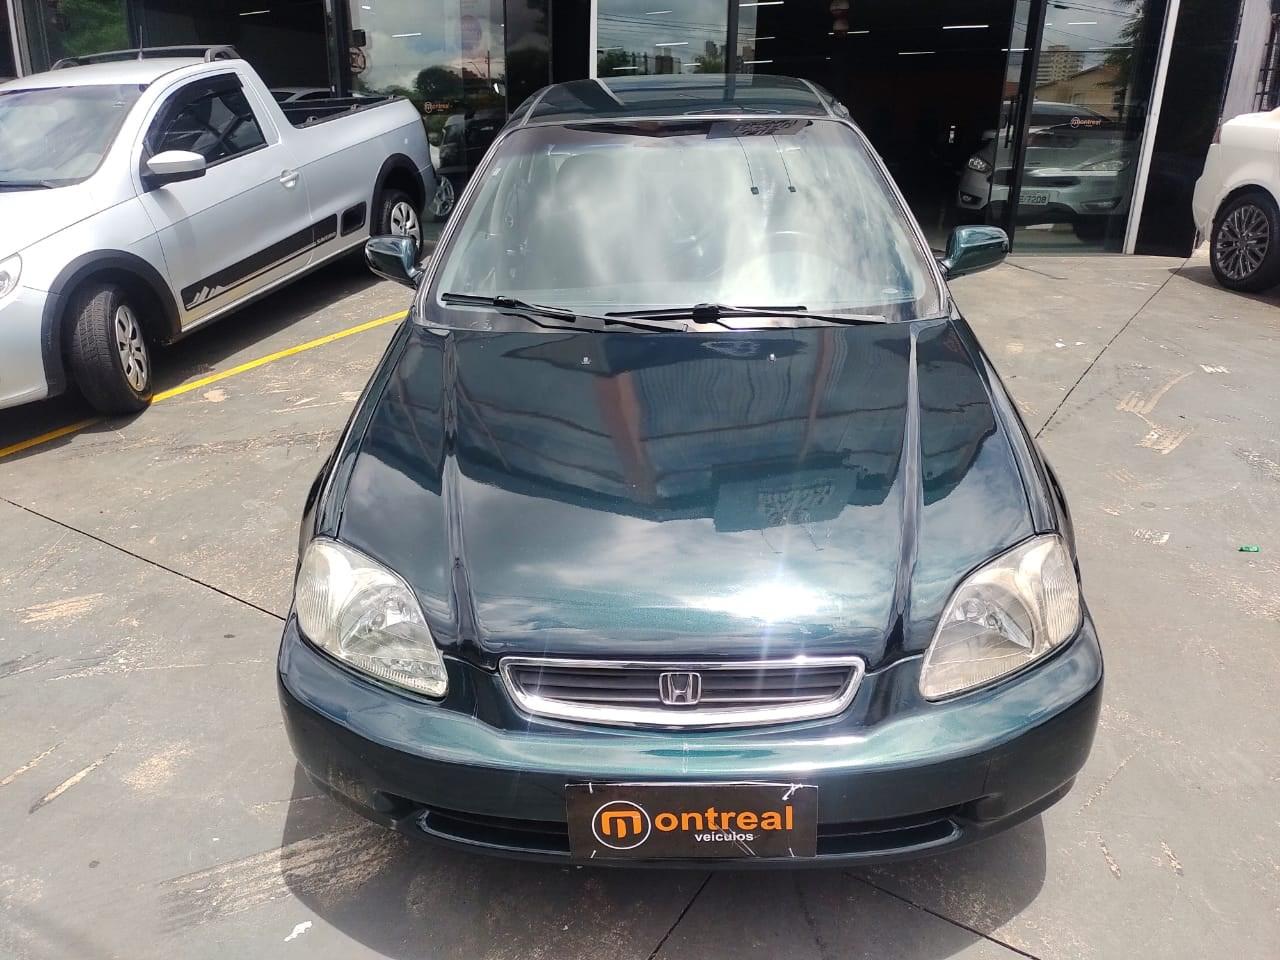 //www.autoline.com.br/carro/honda/civic-16-ex-16v-gasolina-4p-automatico/1998/piracicaba-sp/15057457